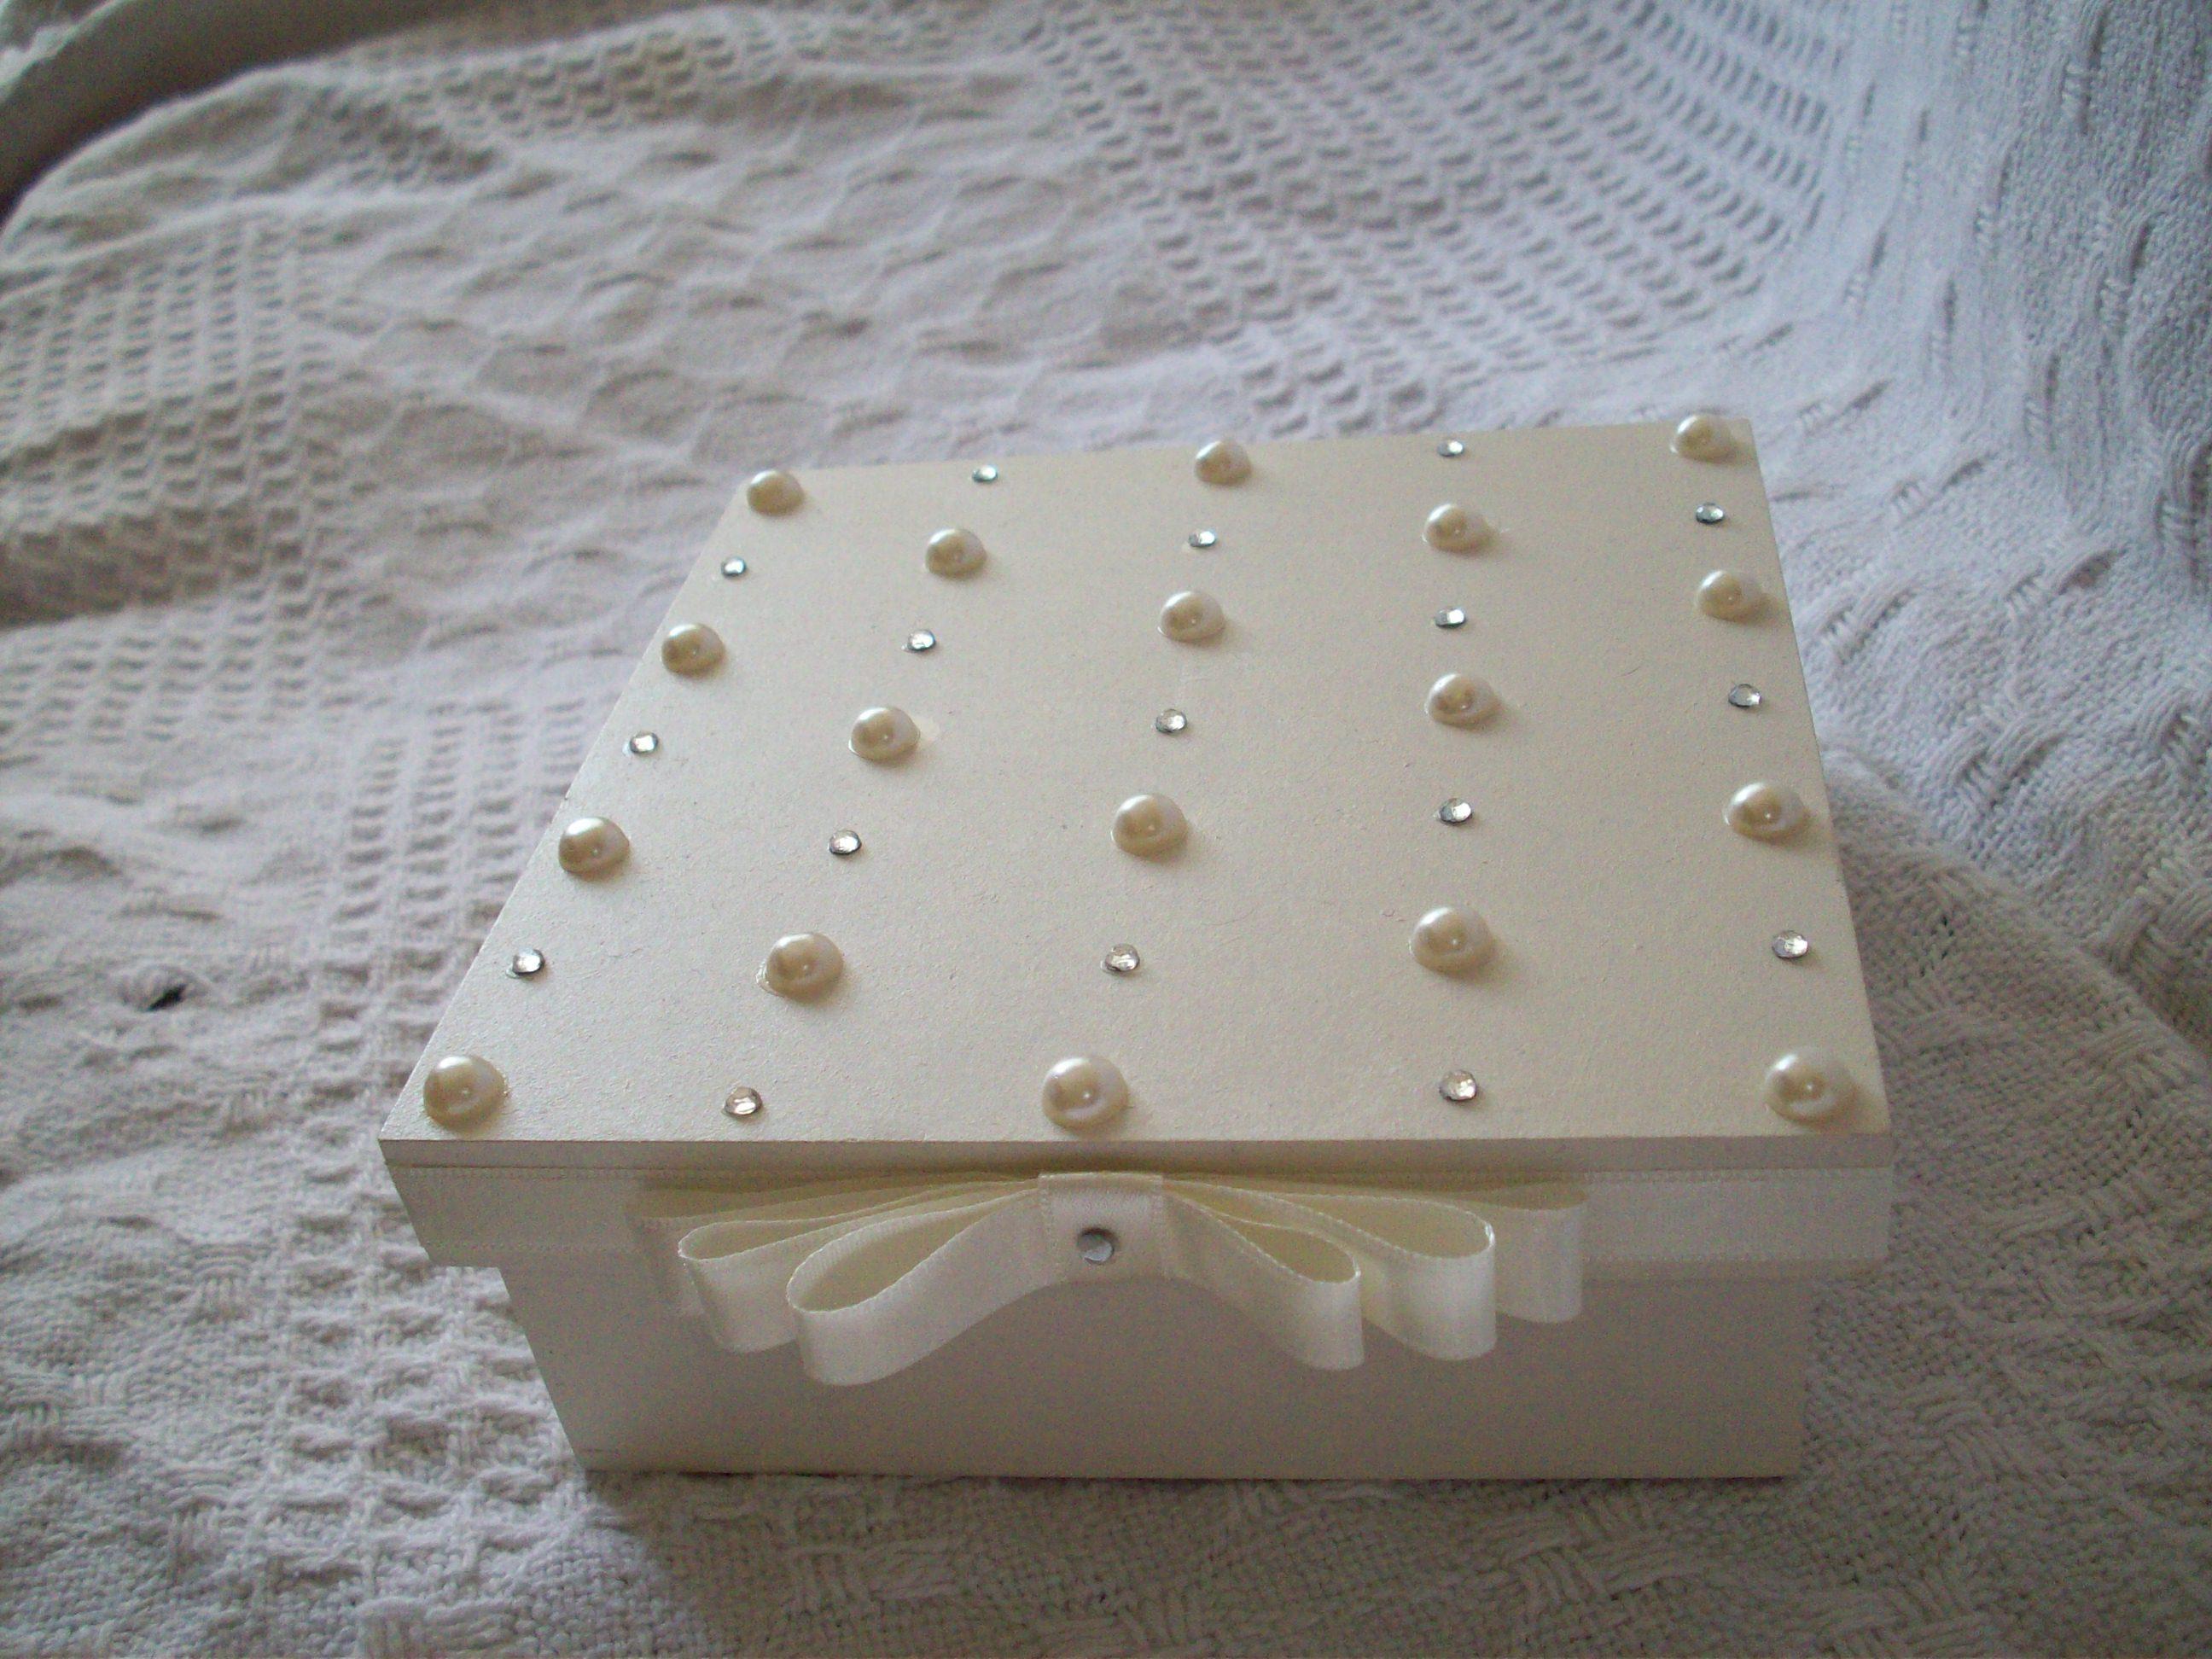 #655C4D caixa perola e strass caixa perola e strass 2592x1944 px caixa de madeira personalizada como fazer @ bernauer.info Móveis Antigos Novos E Usados Online